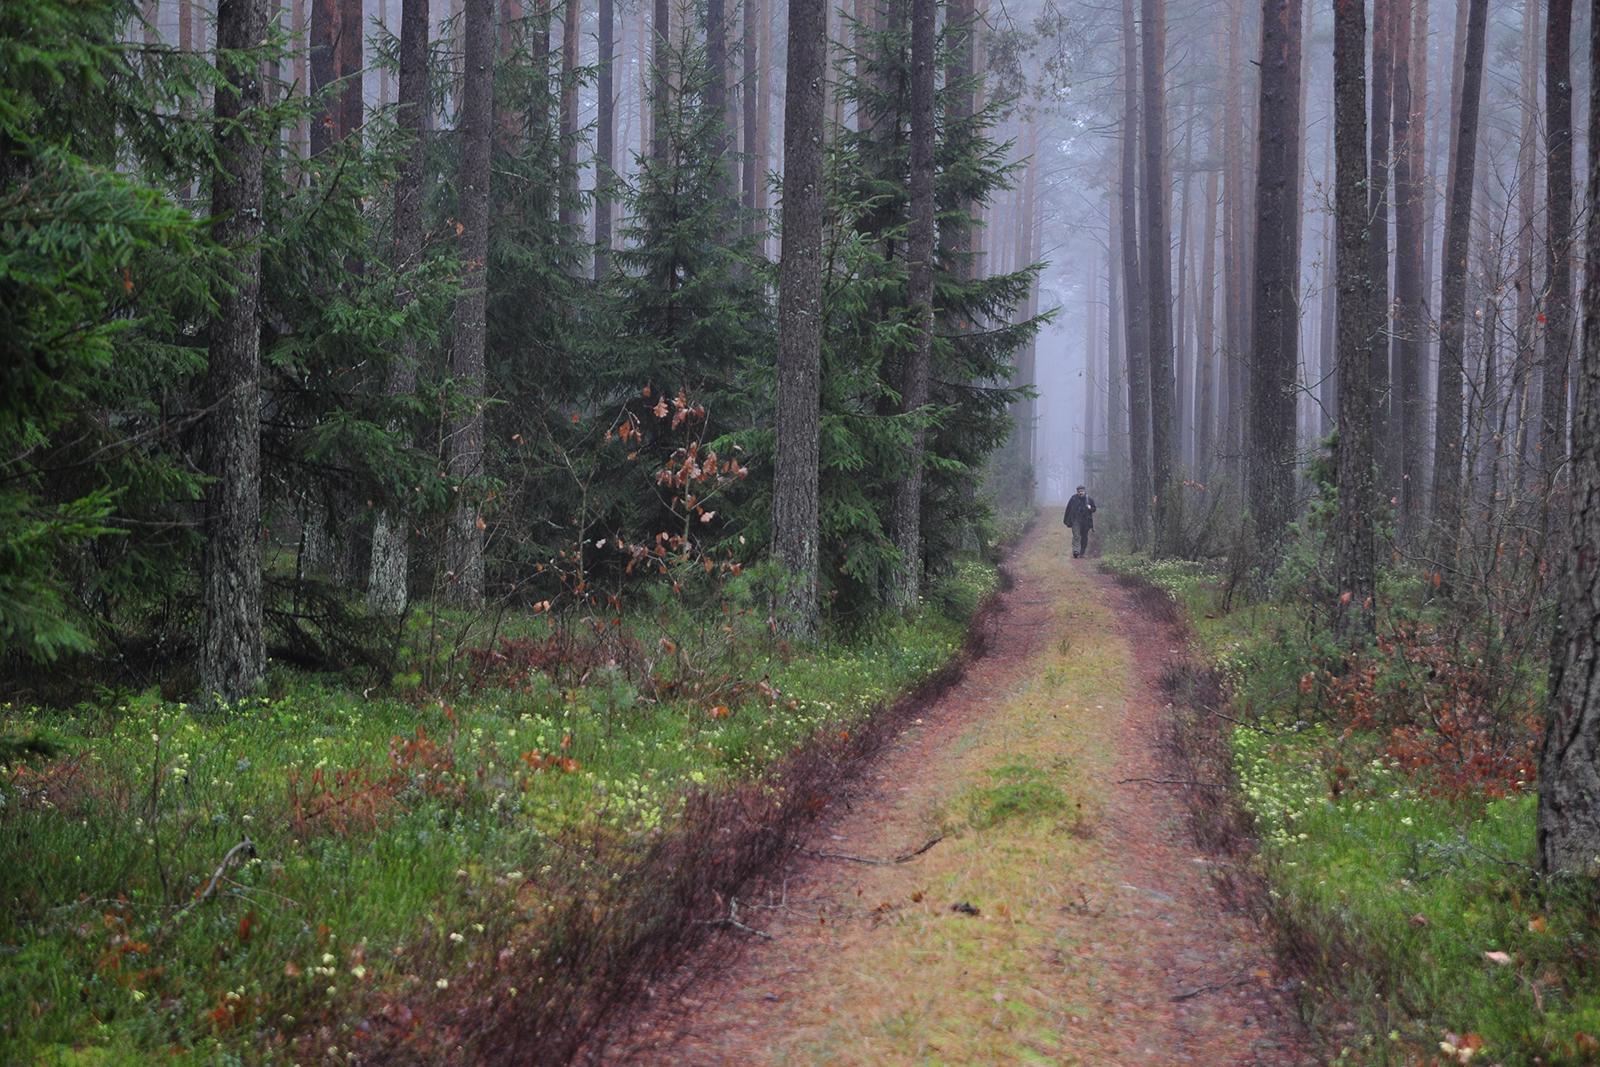 Montujemy drzwi do lasów, zanim je rozkradną